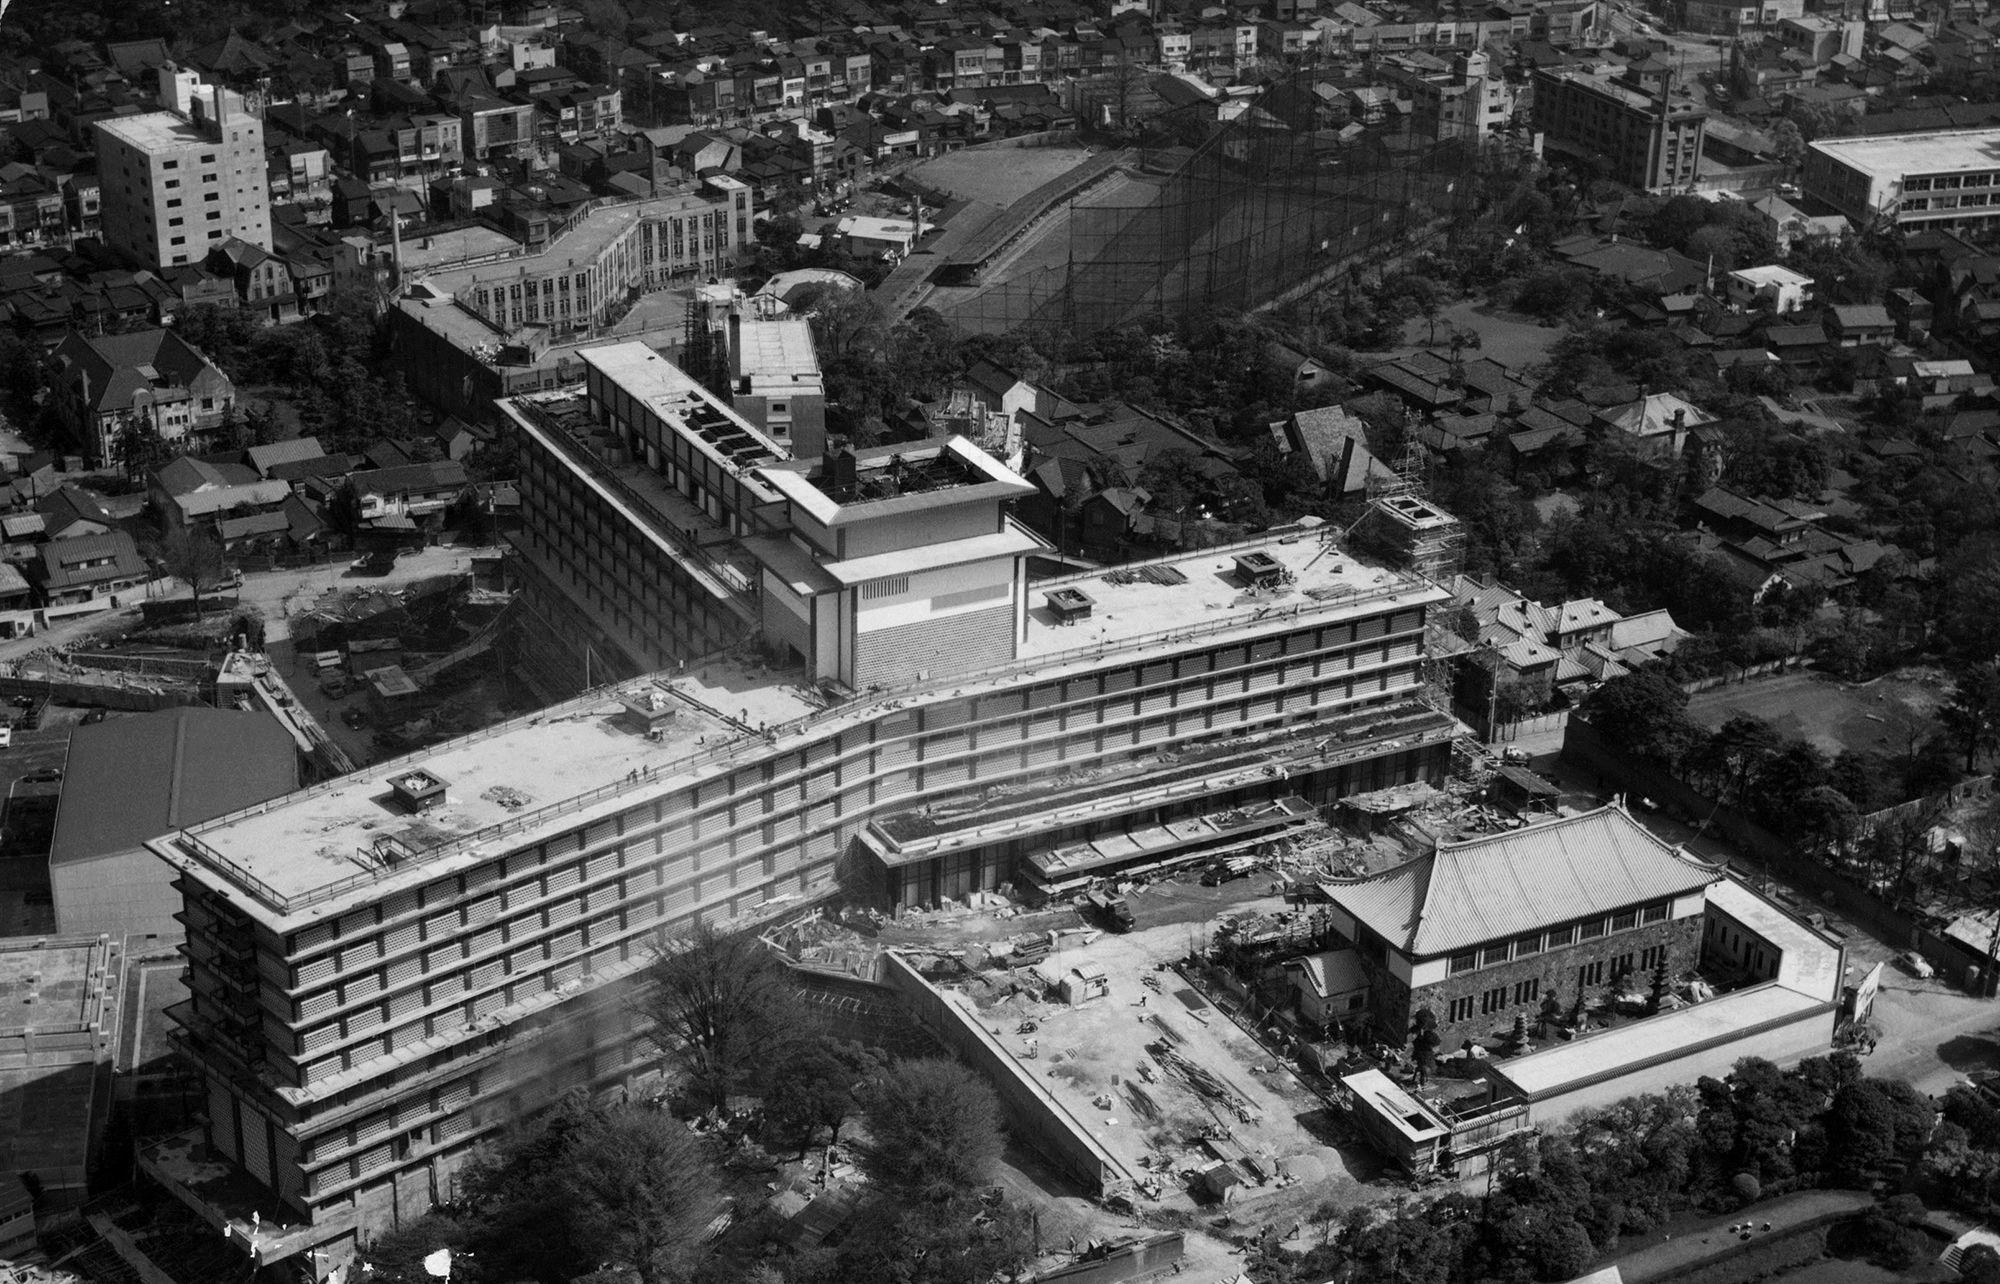 1年半の工期を経て完成したホテルオークラの全景。東翼、南翼、北翼の三翼からなる三ツ矢式建築はホテル初。